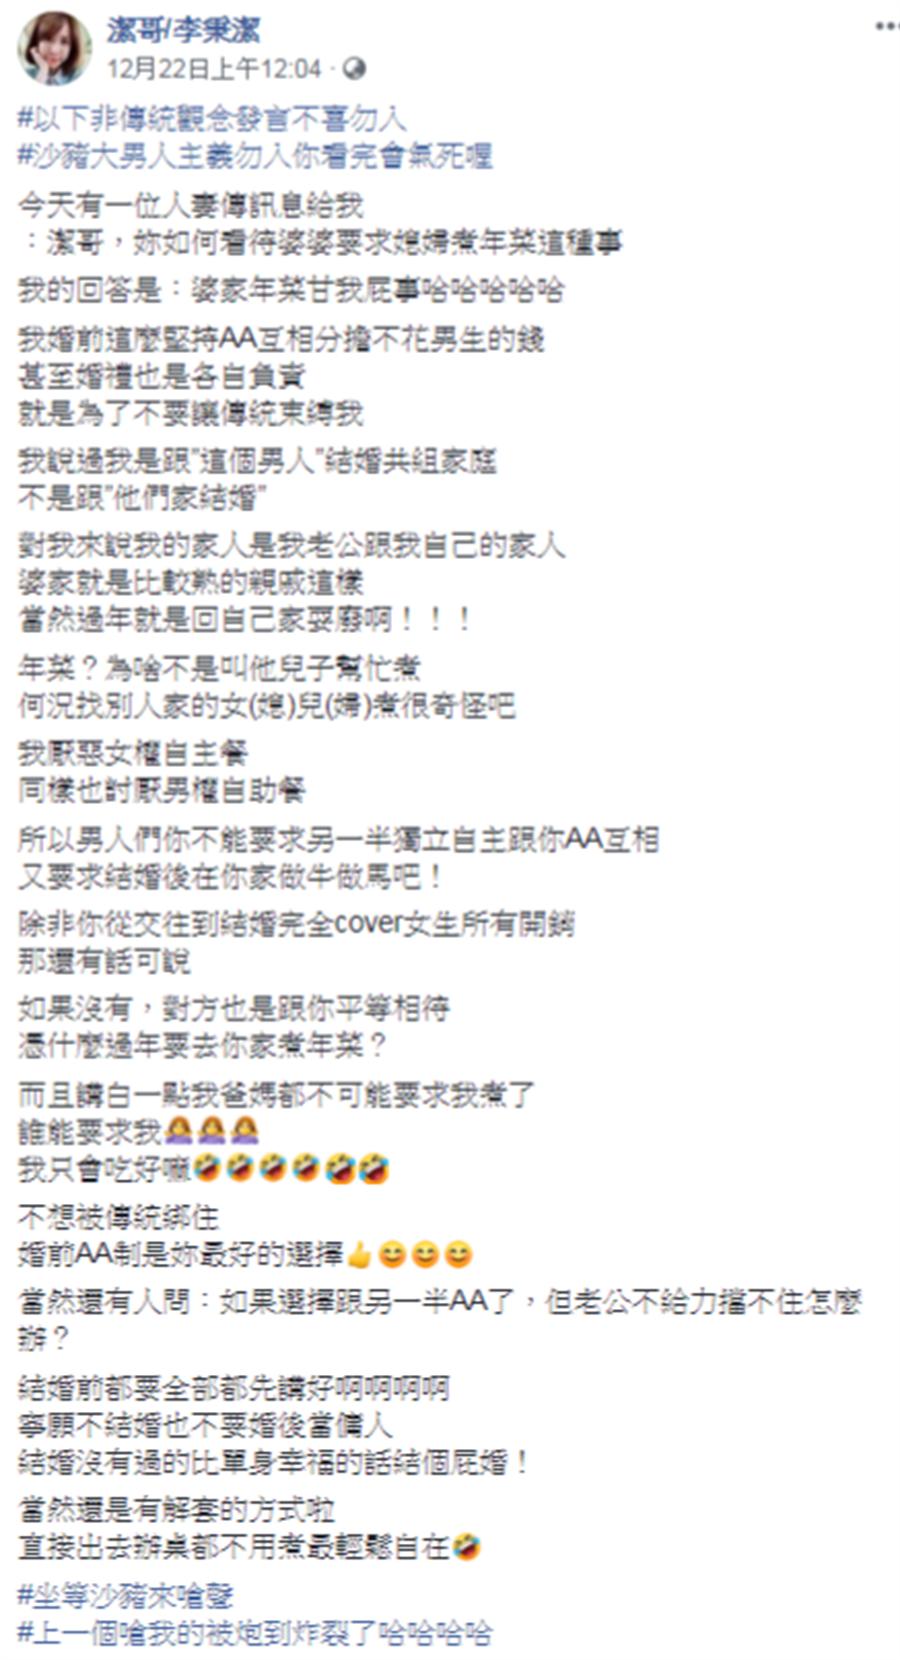 潔哥臉書全文。(圖/潔哥/李秉潔臉書)